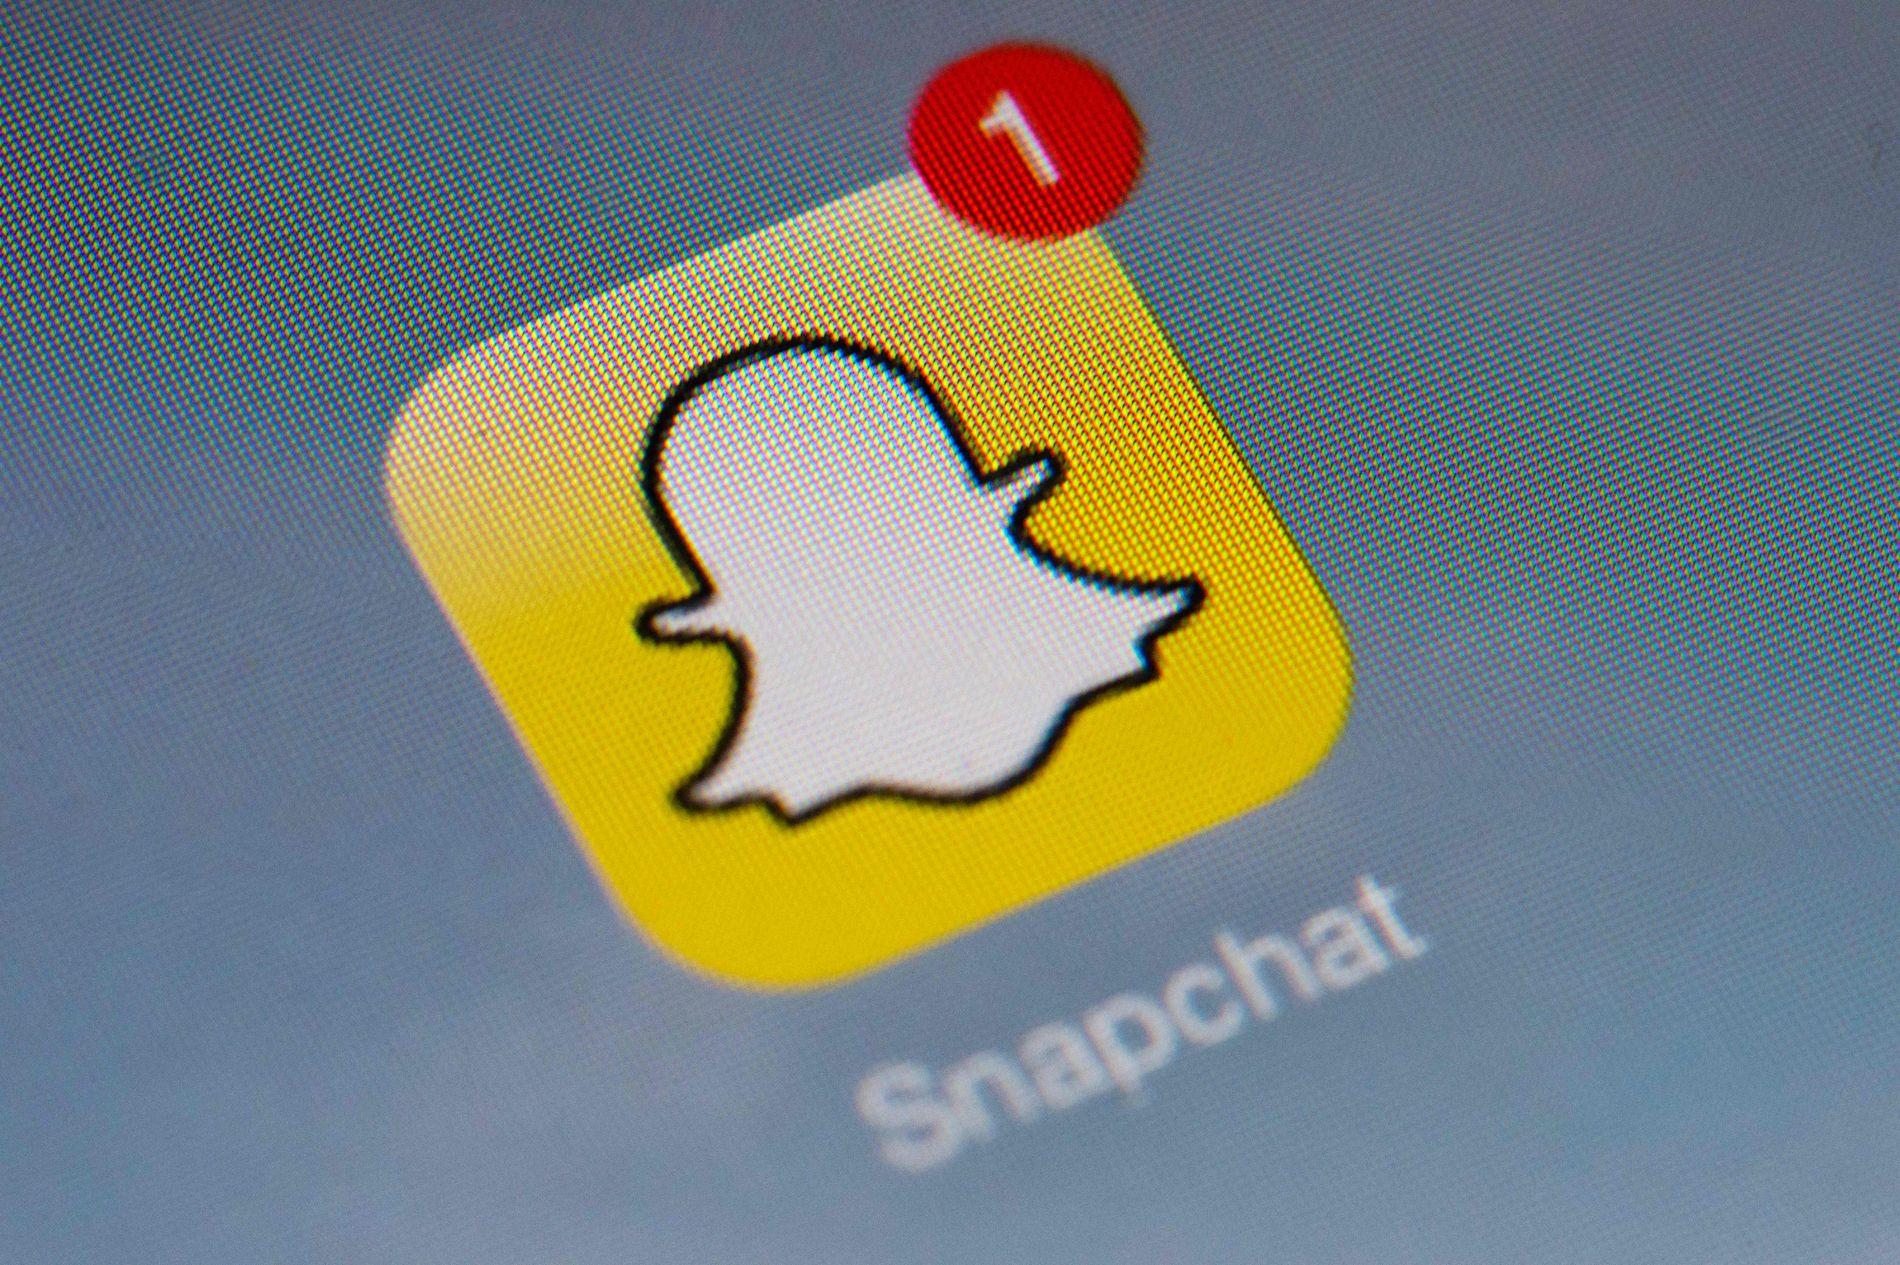 SPRES PÅ SOSIALE MEDIER: En snap-melding sendt til en nær venn eller kjæreste kan bli et mareritt hvis den spres.